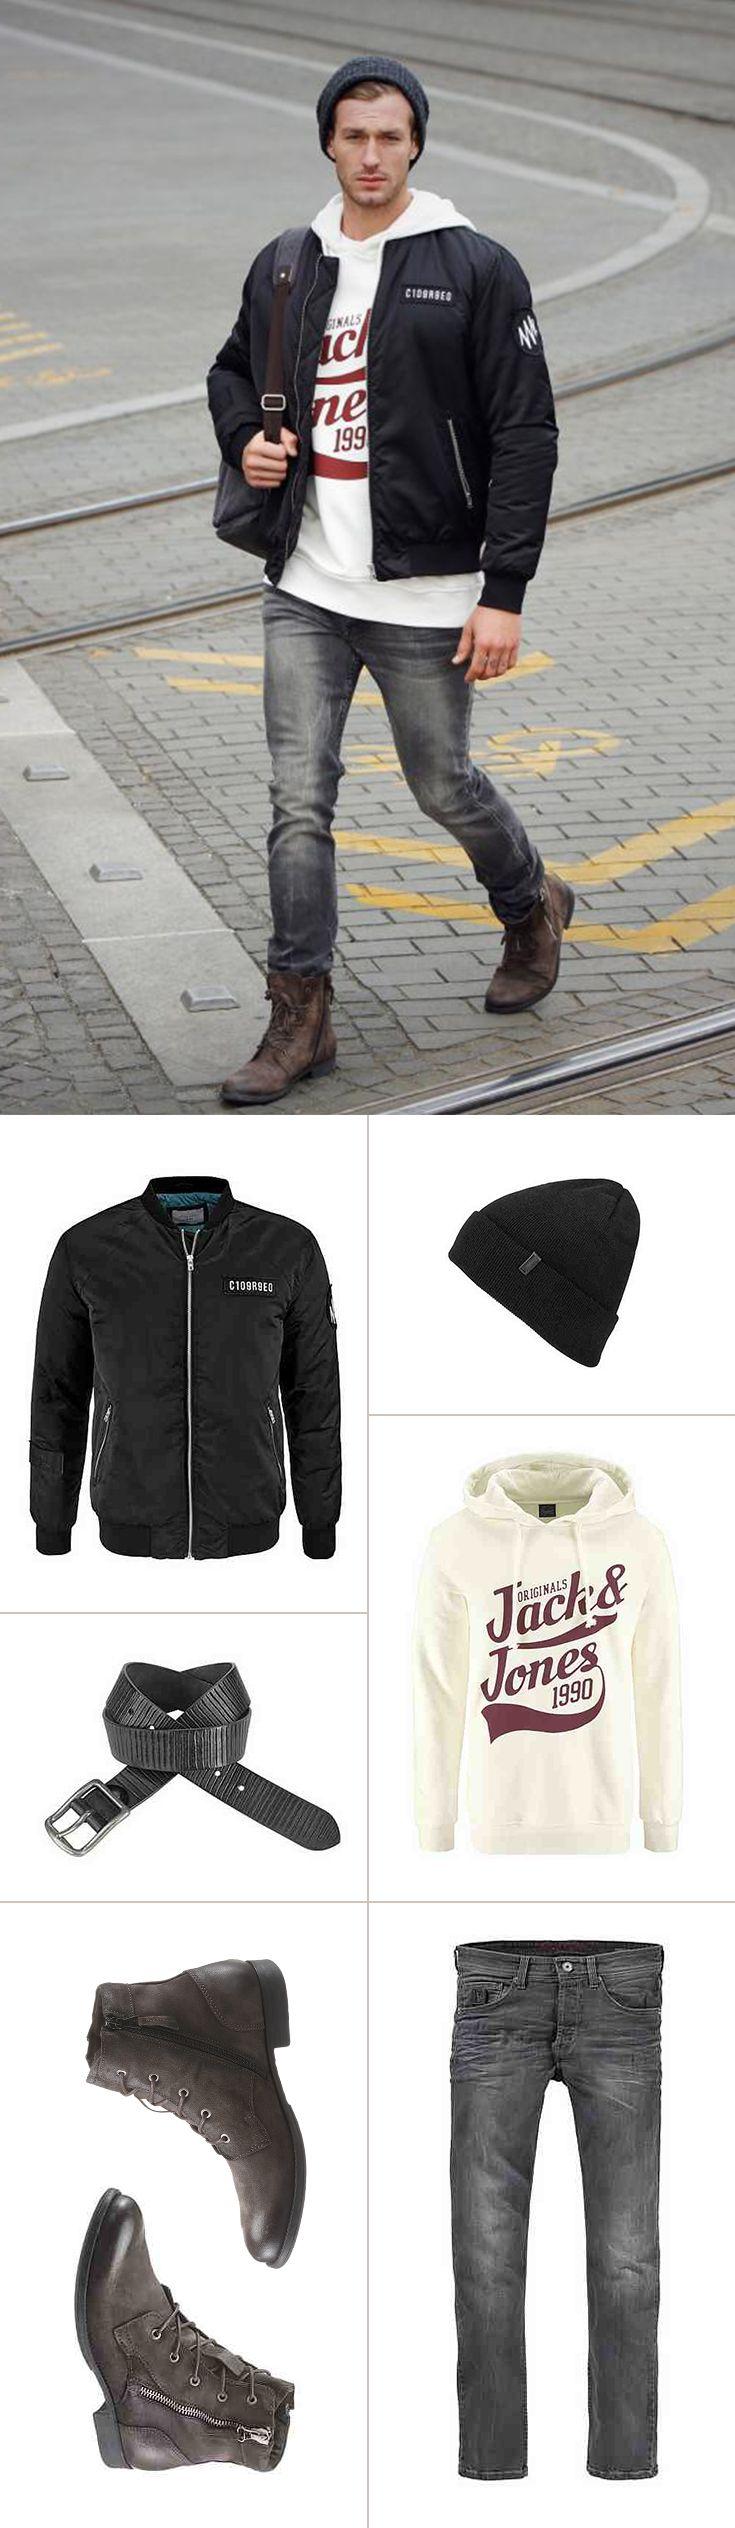 Dein kerniger Streetstyle für die kalte Jahreszeit. Der weiße Hoodie passt hervorragend zur grauen Slim-fit-Jeans und den robusten Schnürboots. Unbedingt dazu gehört die Bomberjacke – und das schwarze Beanie für warme Ohren an coolen Tagen.